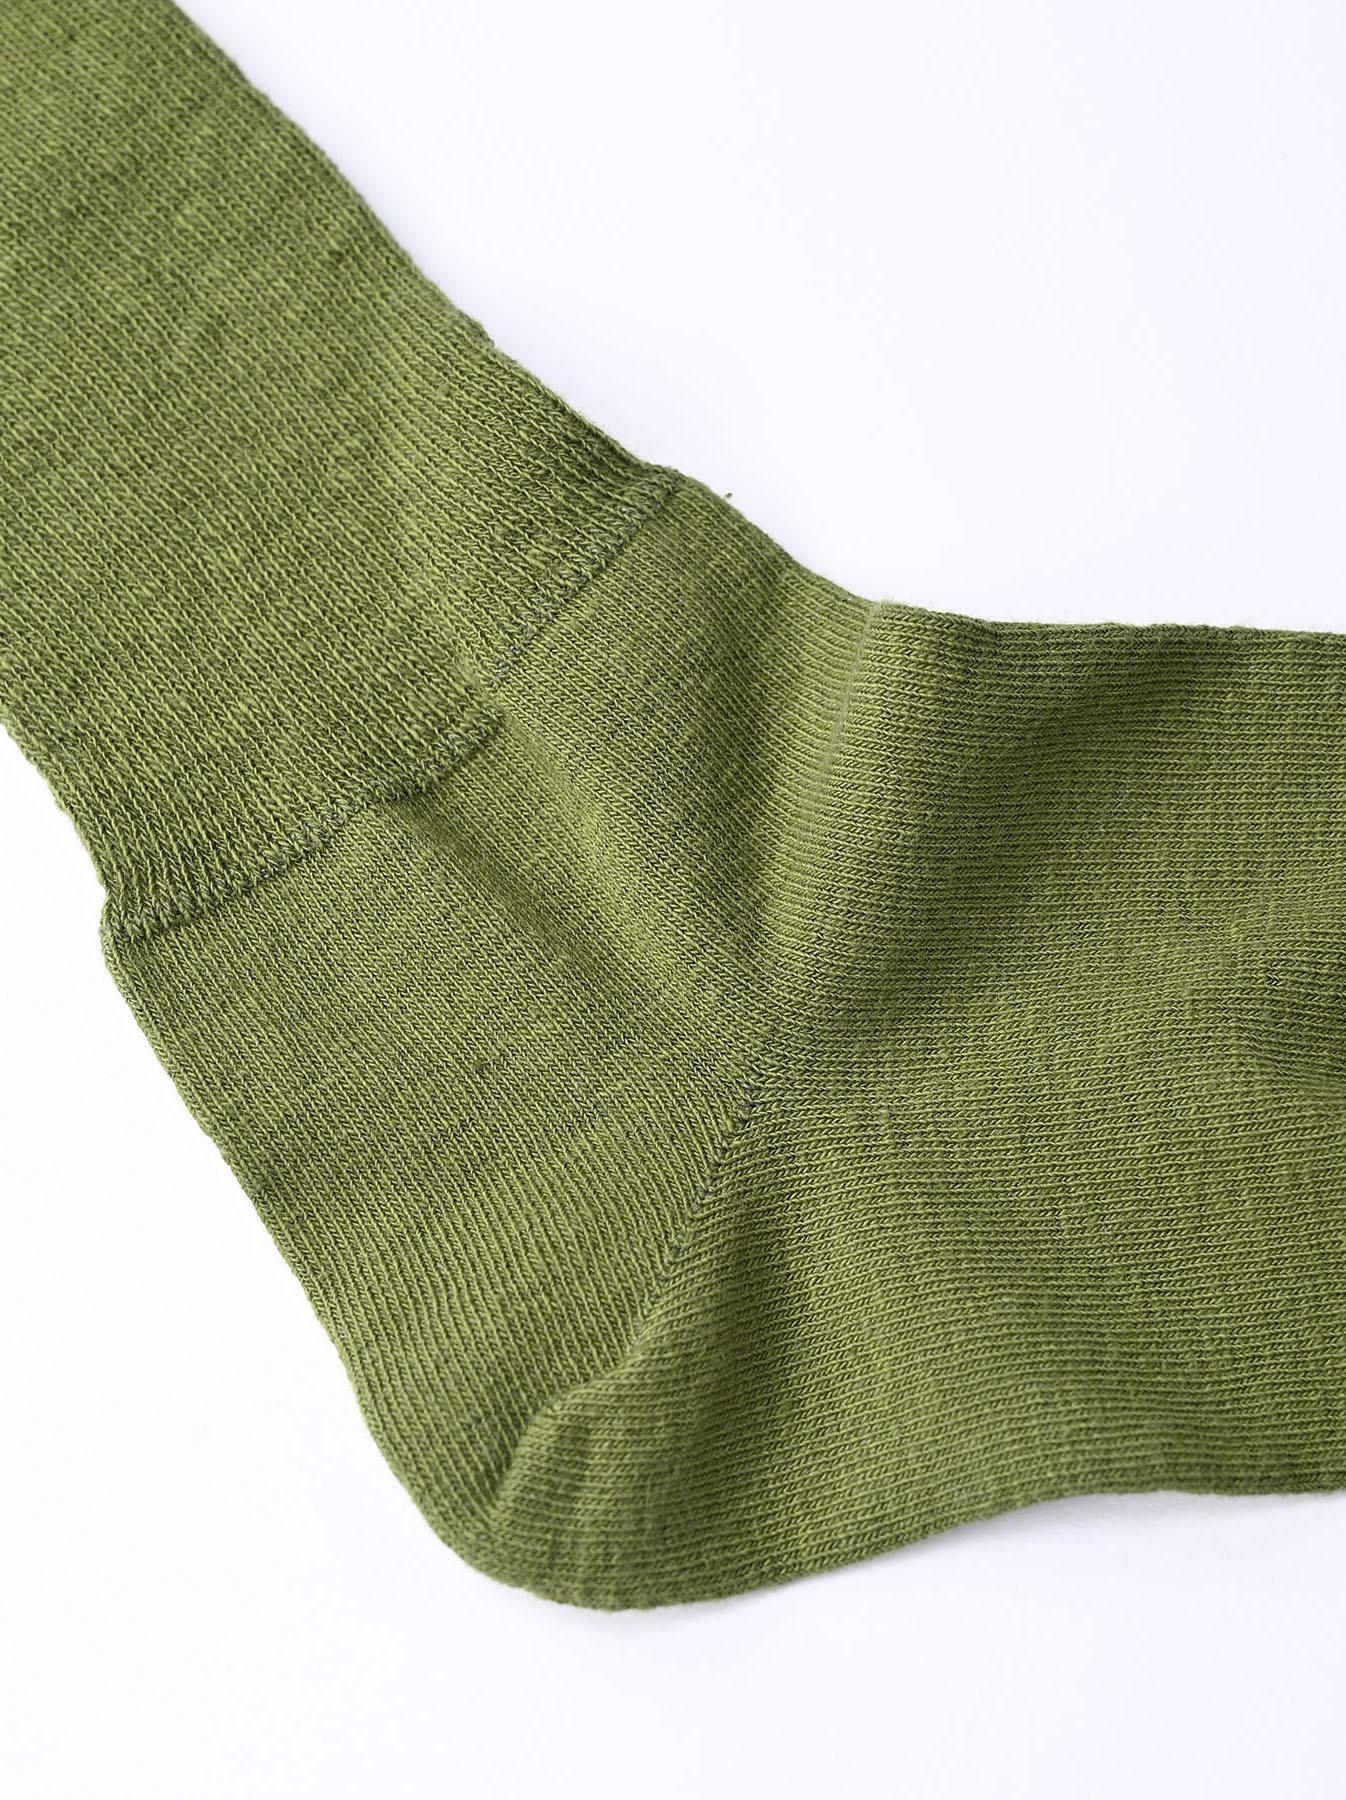 Piece-dyed 45 Star Socks-7